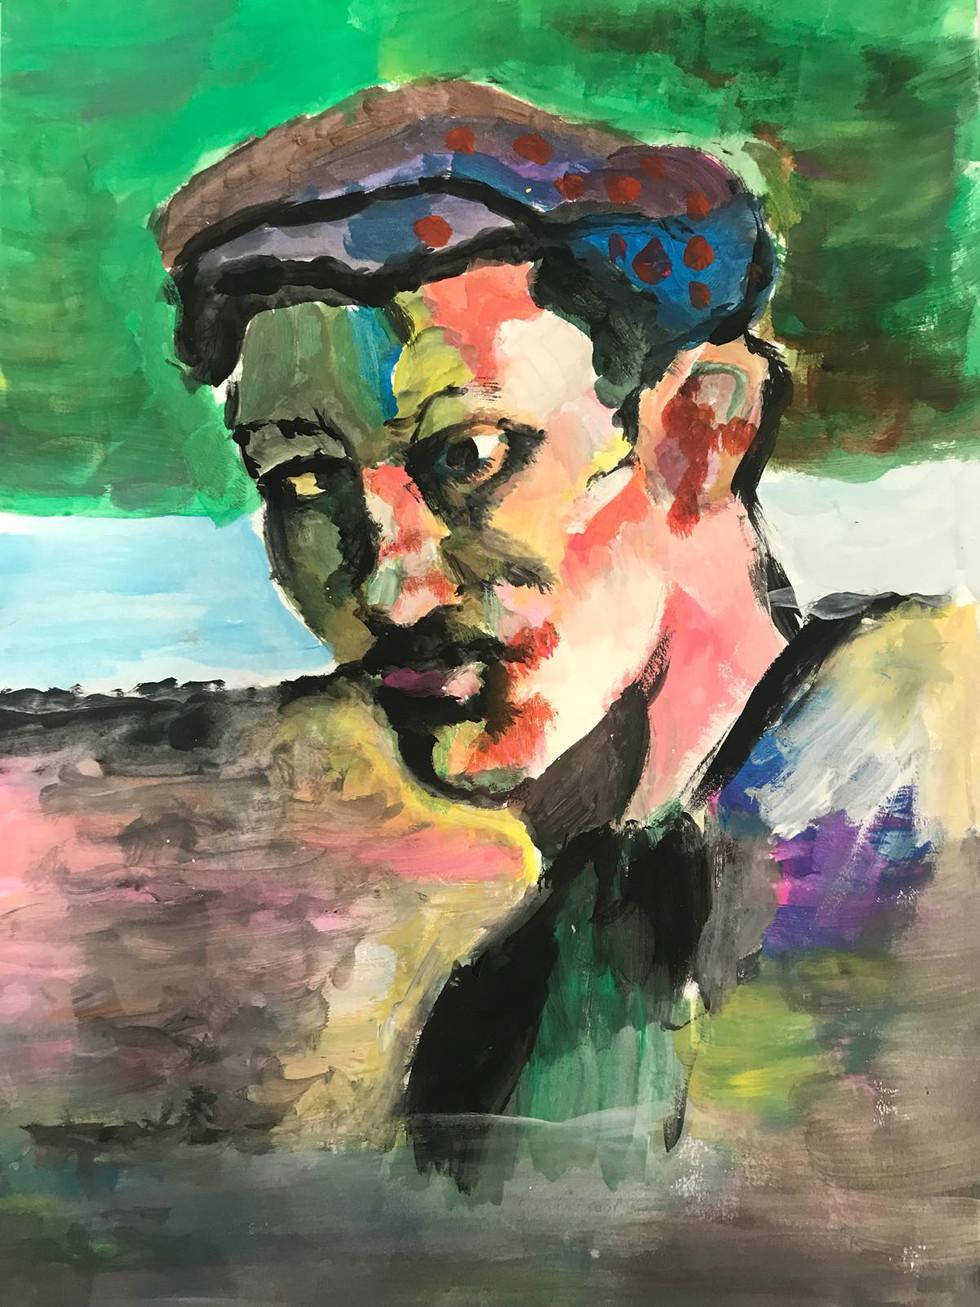 Pintura Derain, por Vasco Maia e Moura